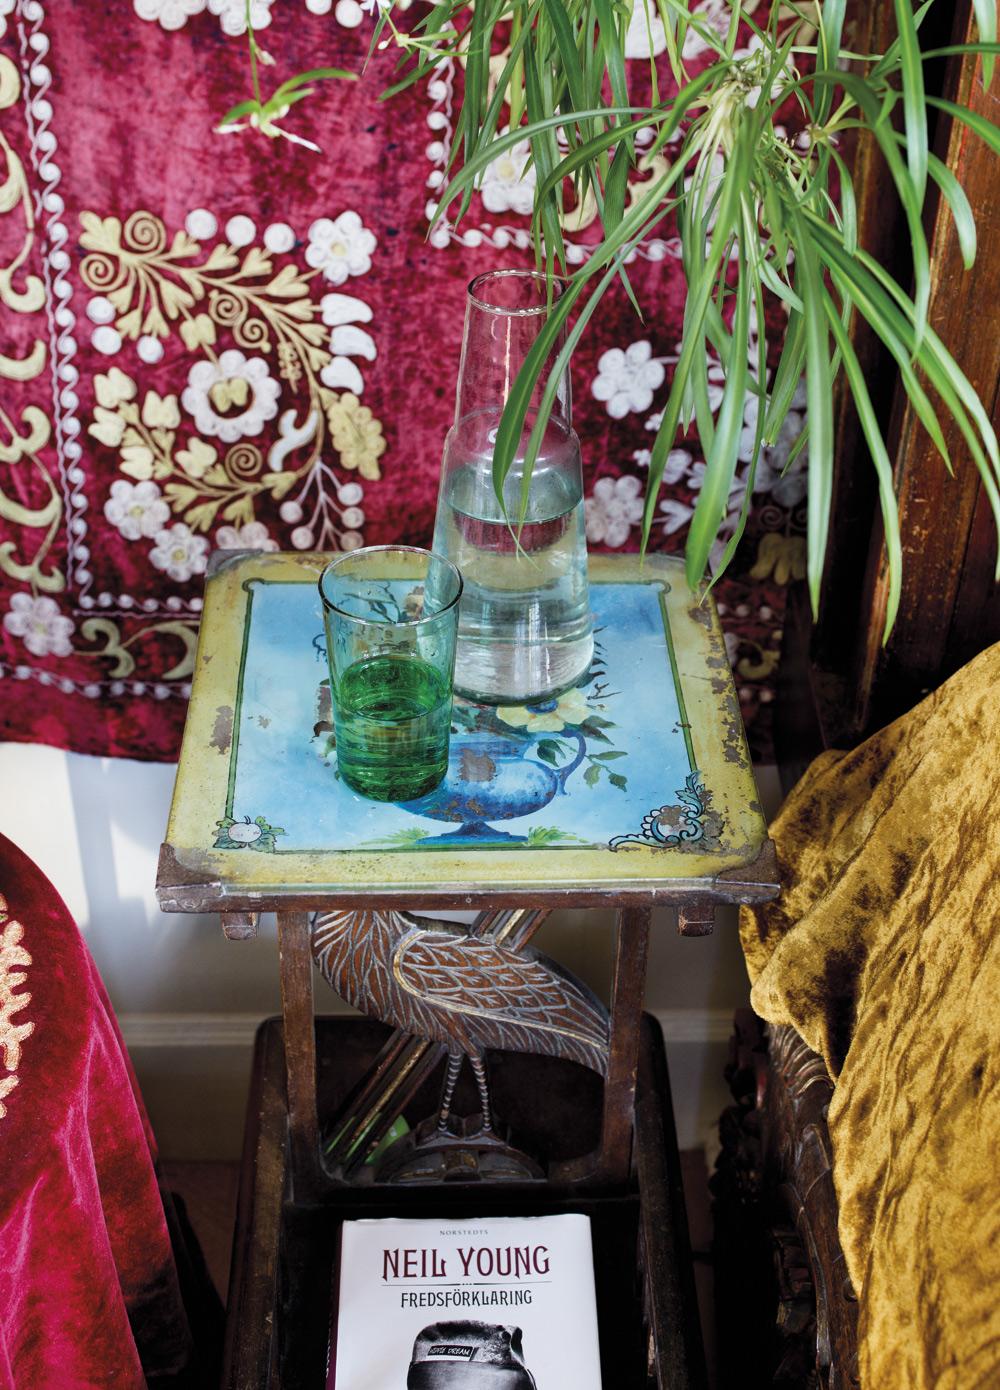 UNIKT SÄNGBORD. Det är handmålat och kommer från Rajasthan. Underredet är en snidad fågel och bordsskivan är täckt av ett glas.